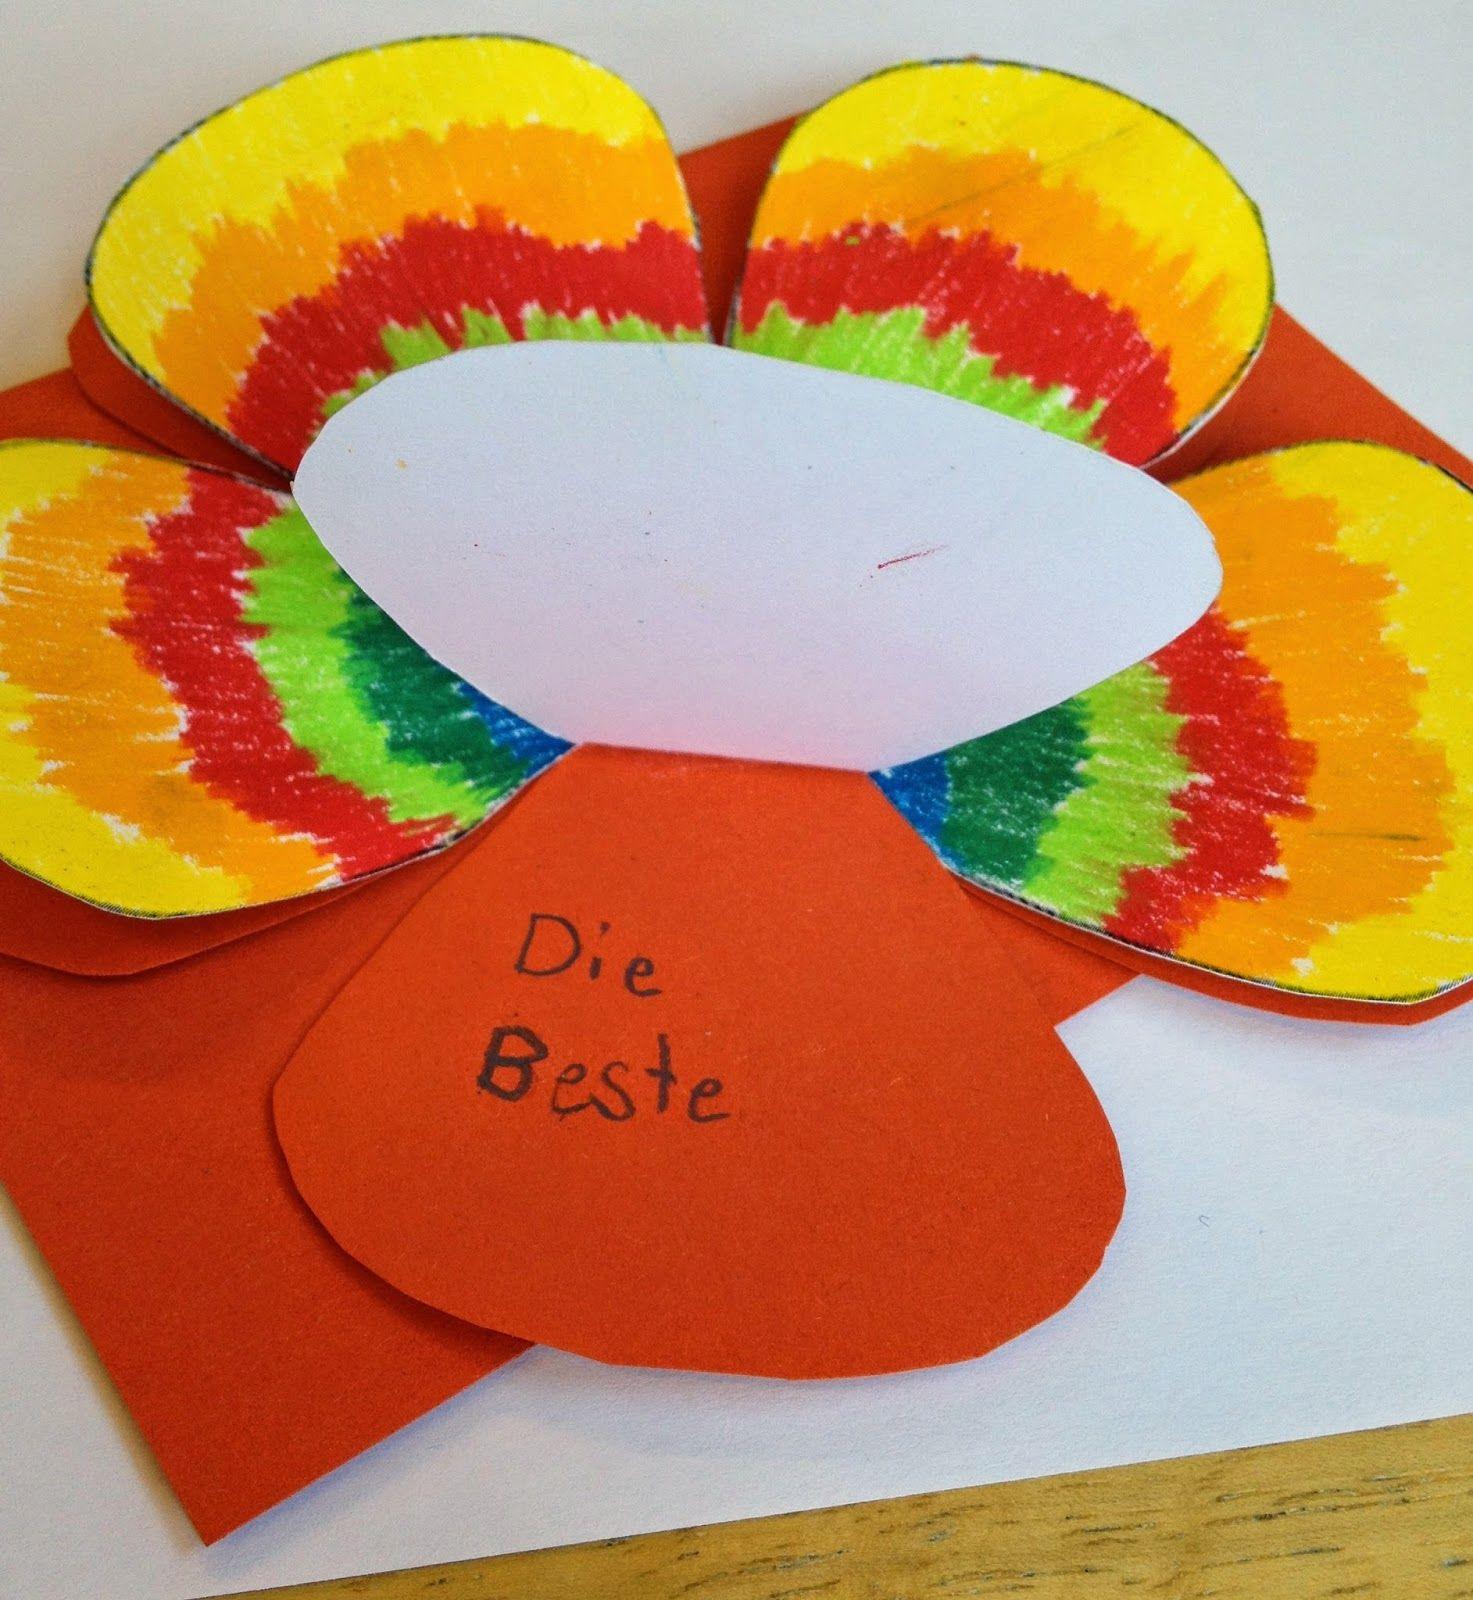 Klassenkunst geschenk zum muttertag karte basteln for Muttertagsgeschenk grundschule